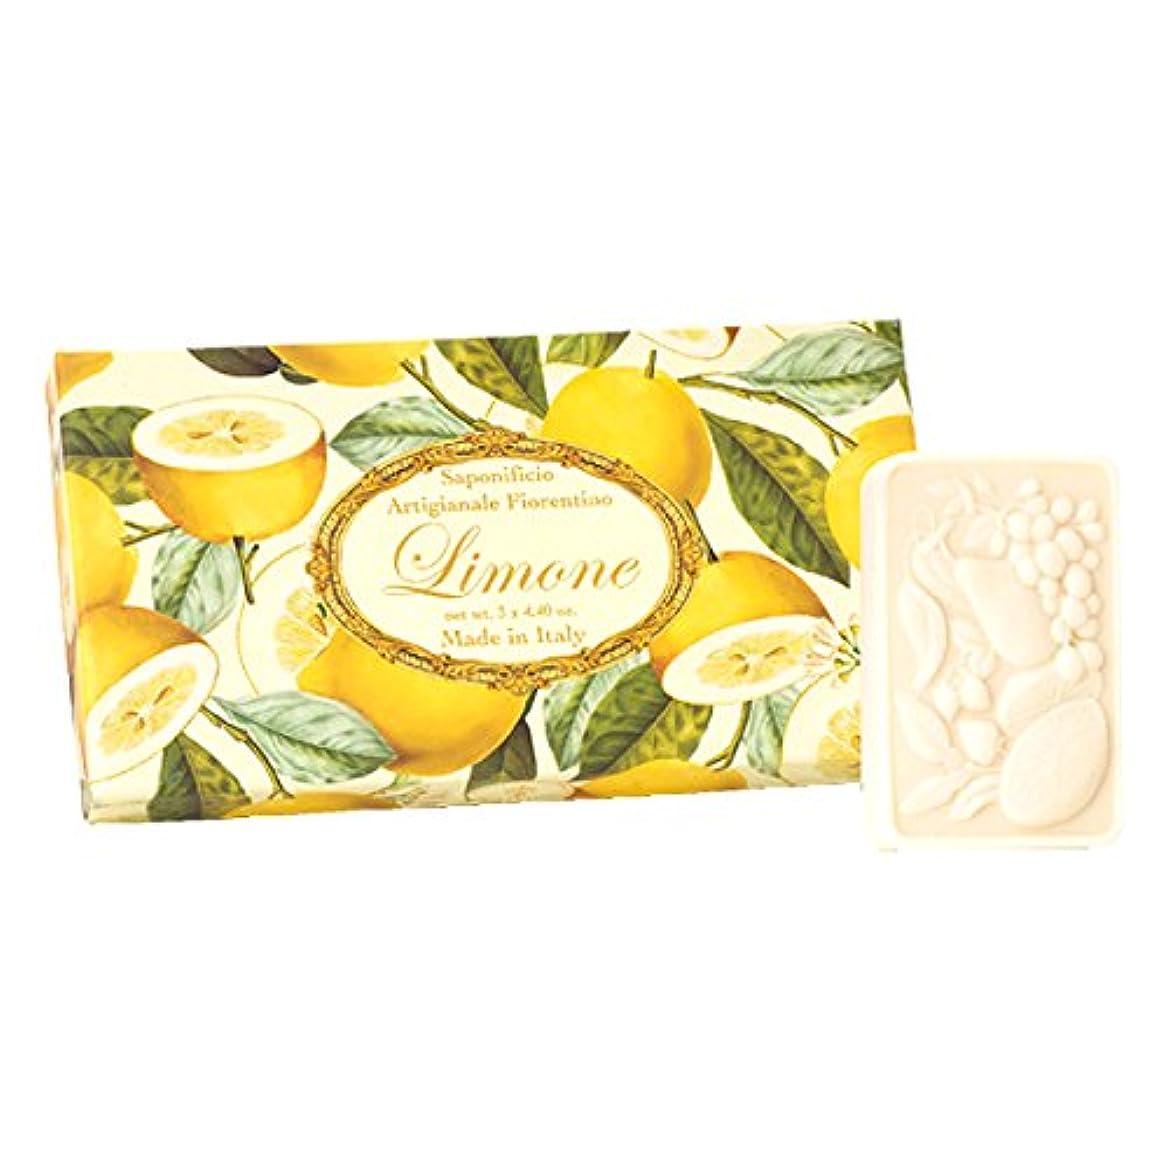 雹歌手数学的なフィレンツェの 長い歴史から生まれたこだわり石鹸 レモン【刻印125g×3個セット】